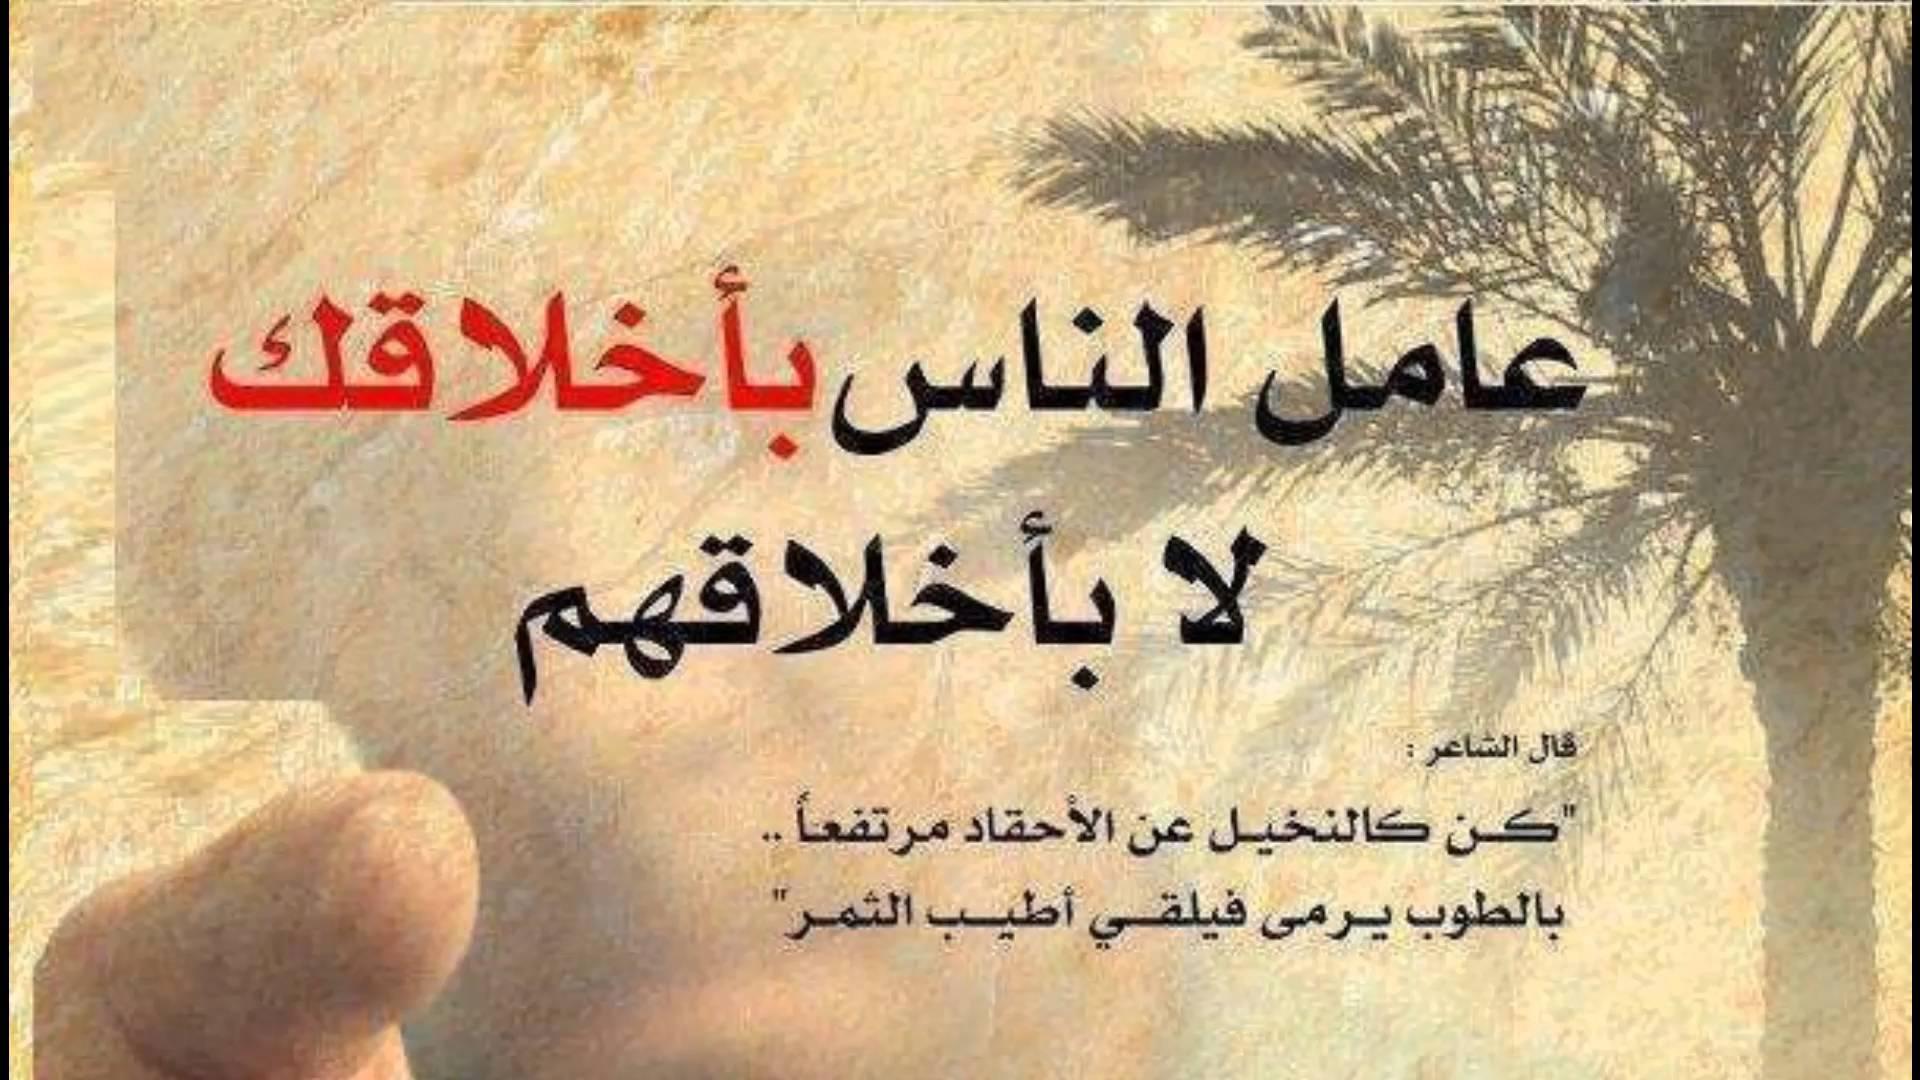 صورة حكم دينية؛حكم اسلاميه دينية قصيره